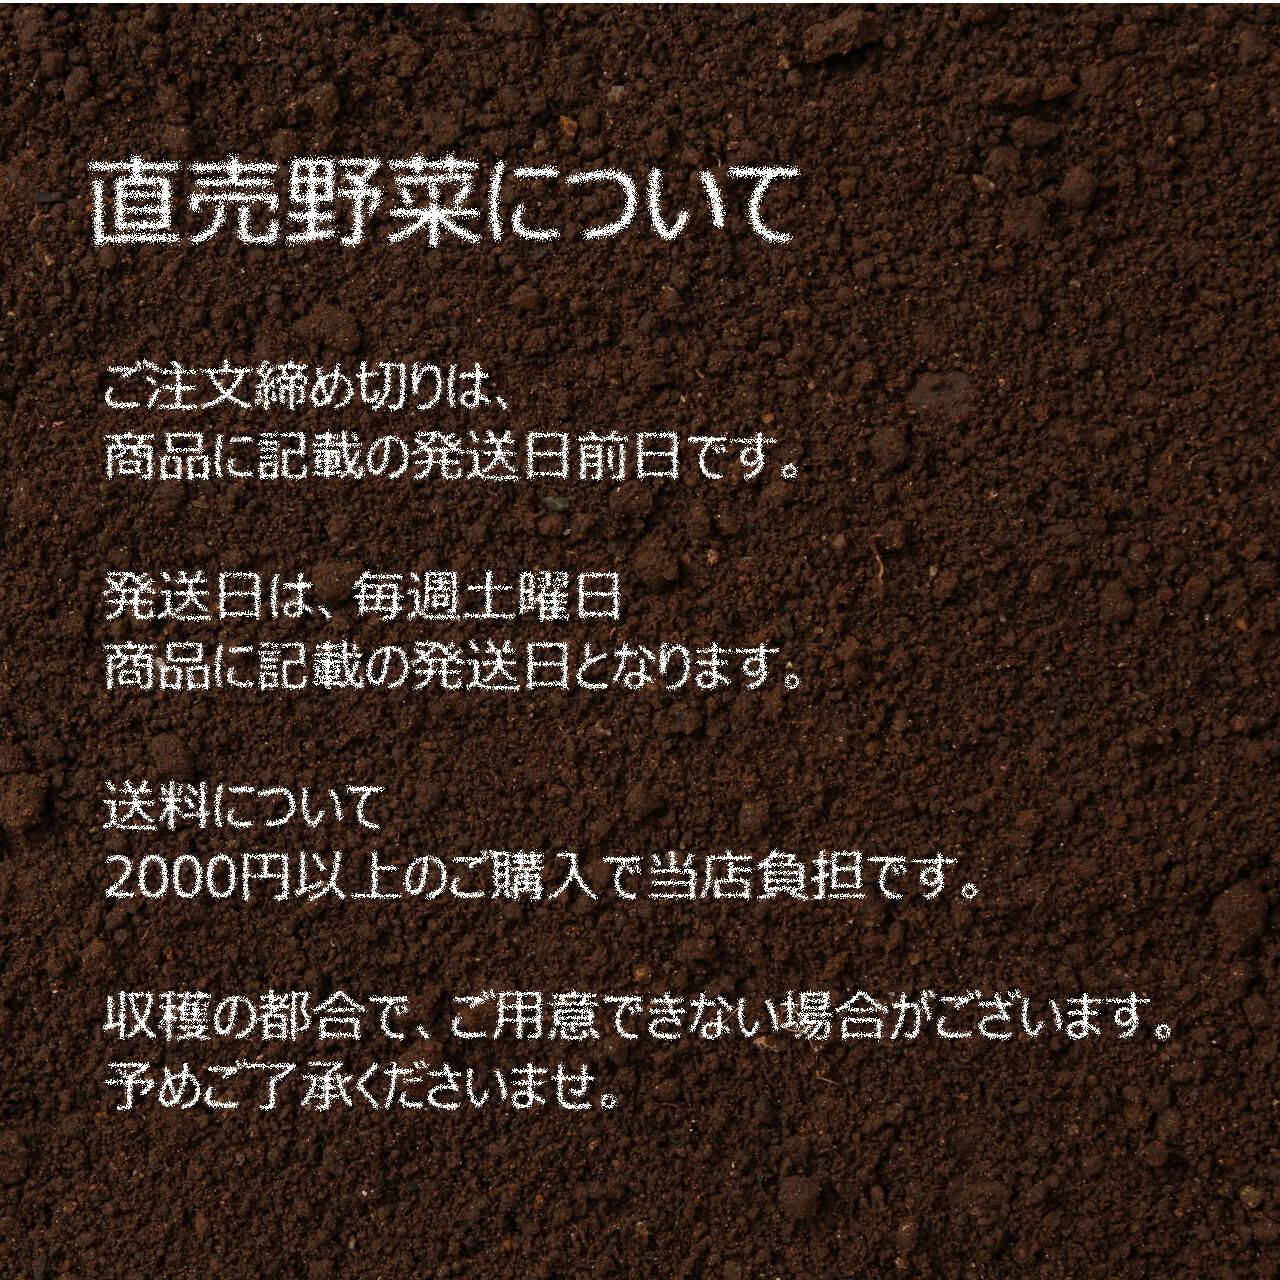 7月の朝採り直売野菜 : ズッキーニ 1本 7月の新鮮夏野菜 7月25日発送予定